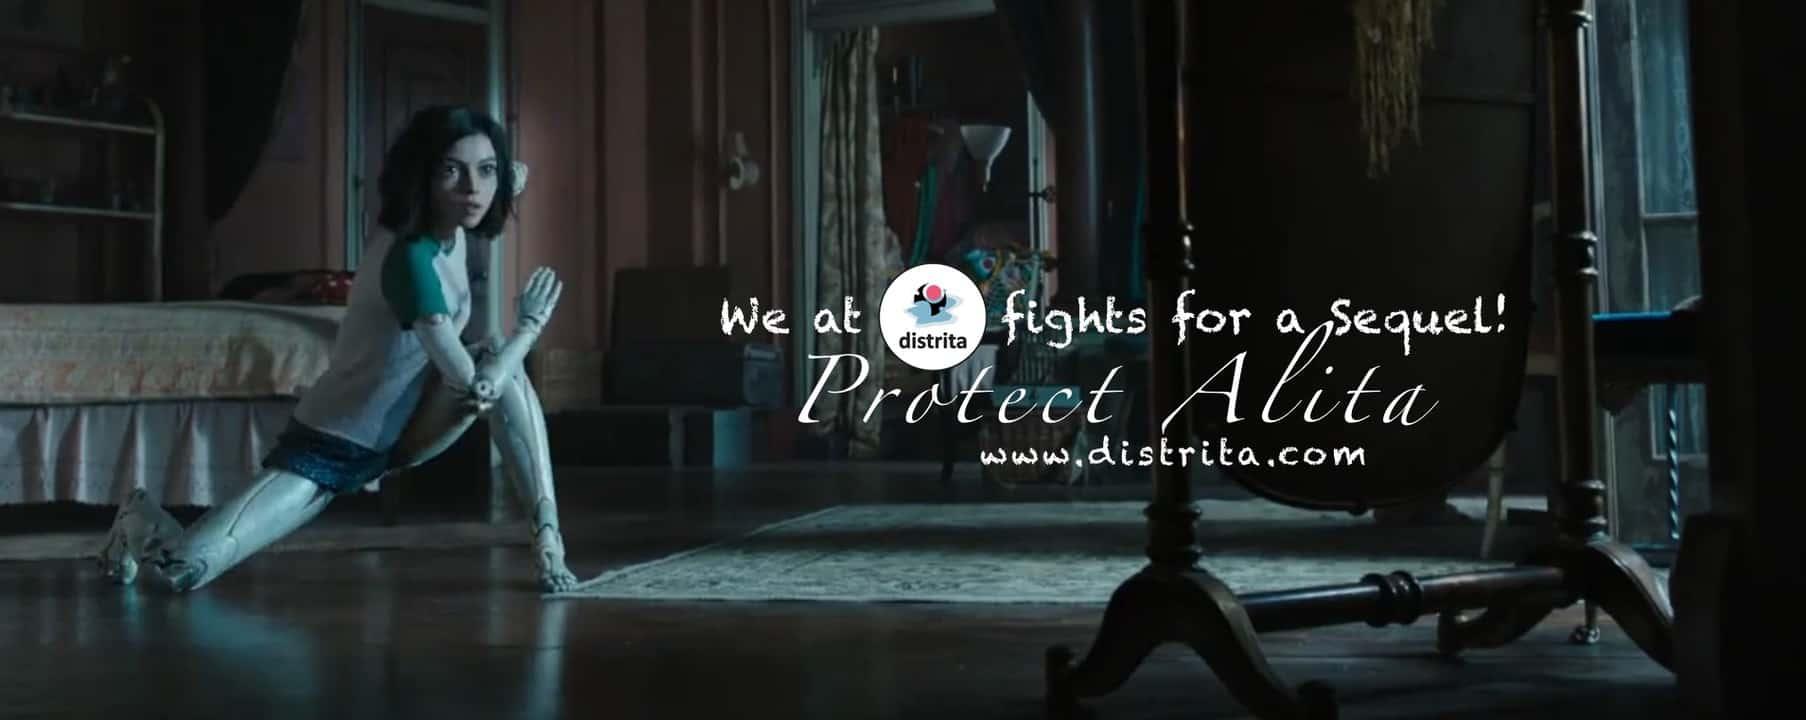 We at Distrita fight for a Sequel - Protect Alita